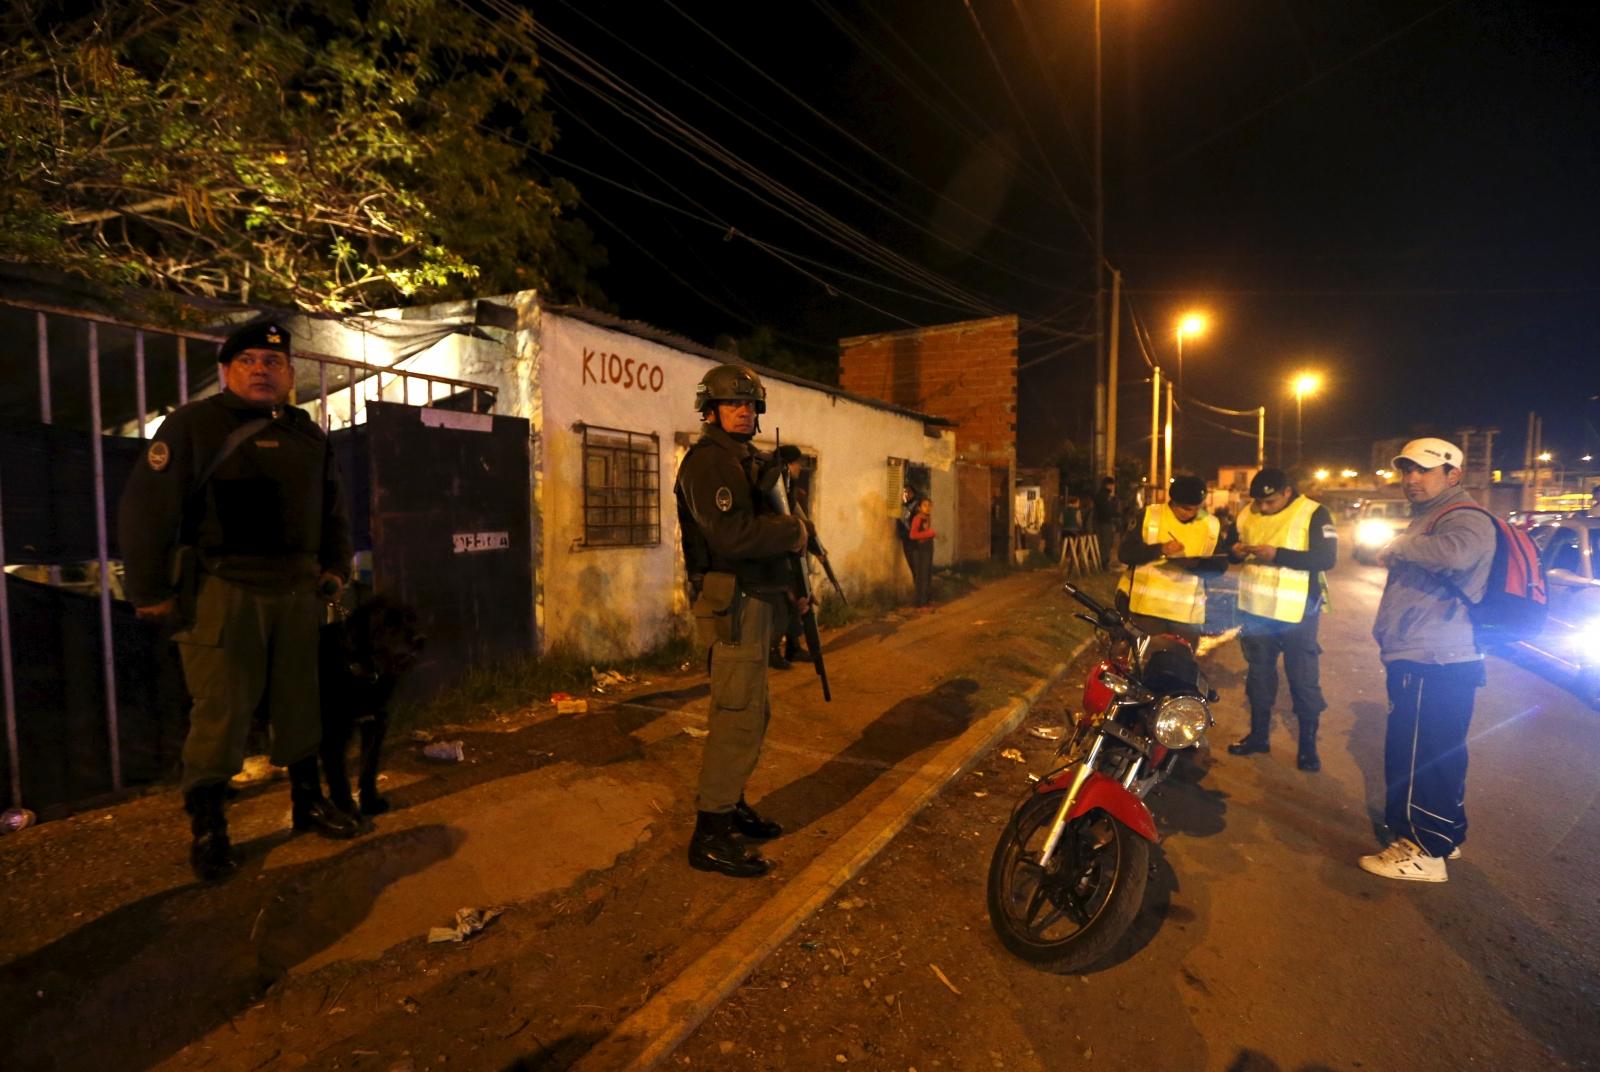 Members of Argentina's Gendarmerie patrolling slum neighbourhoods